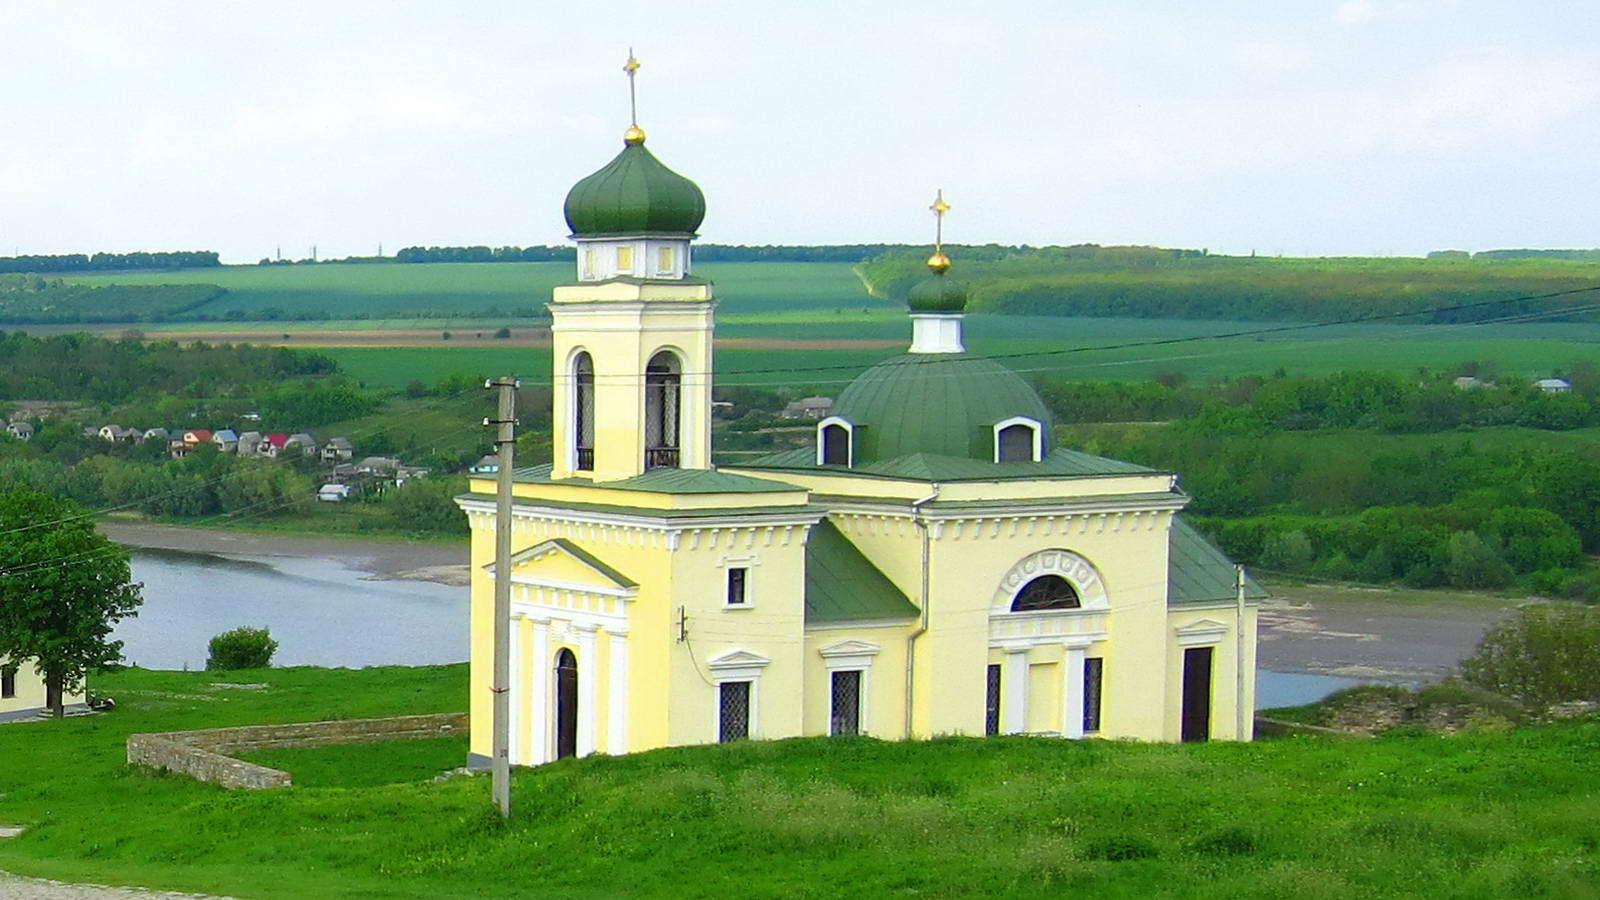 Хотинська фортеця, церква Олександра Невського